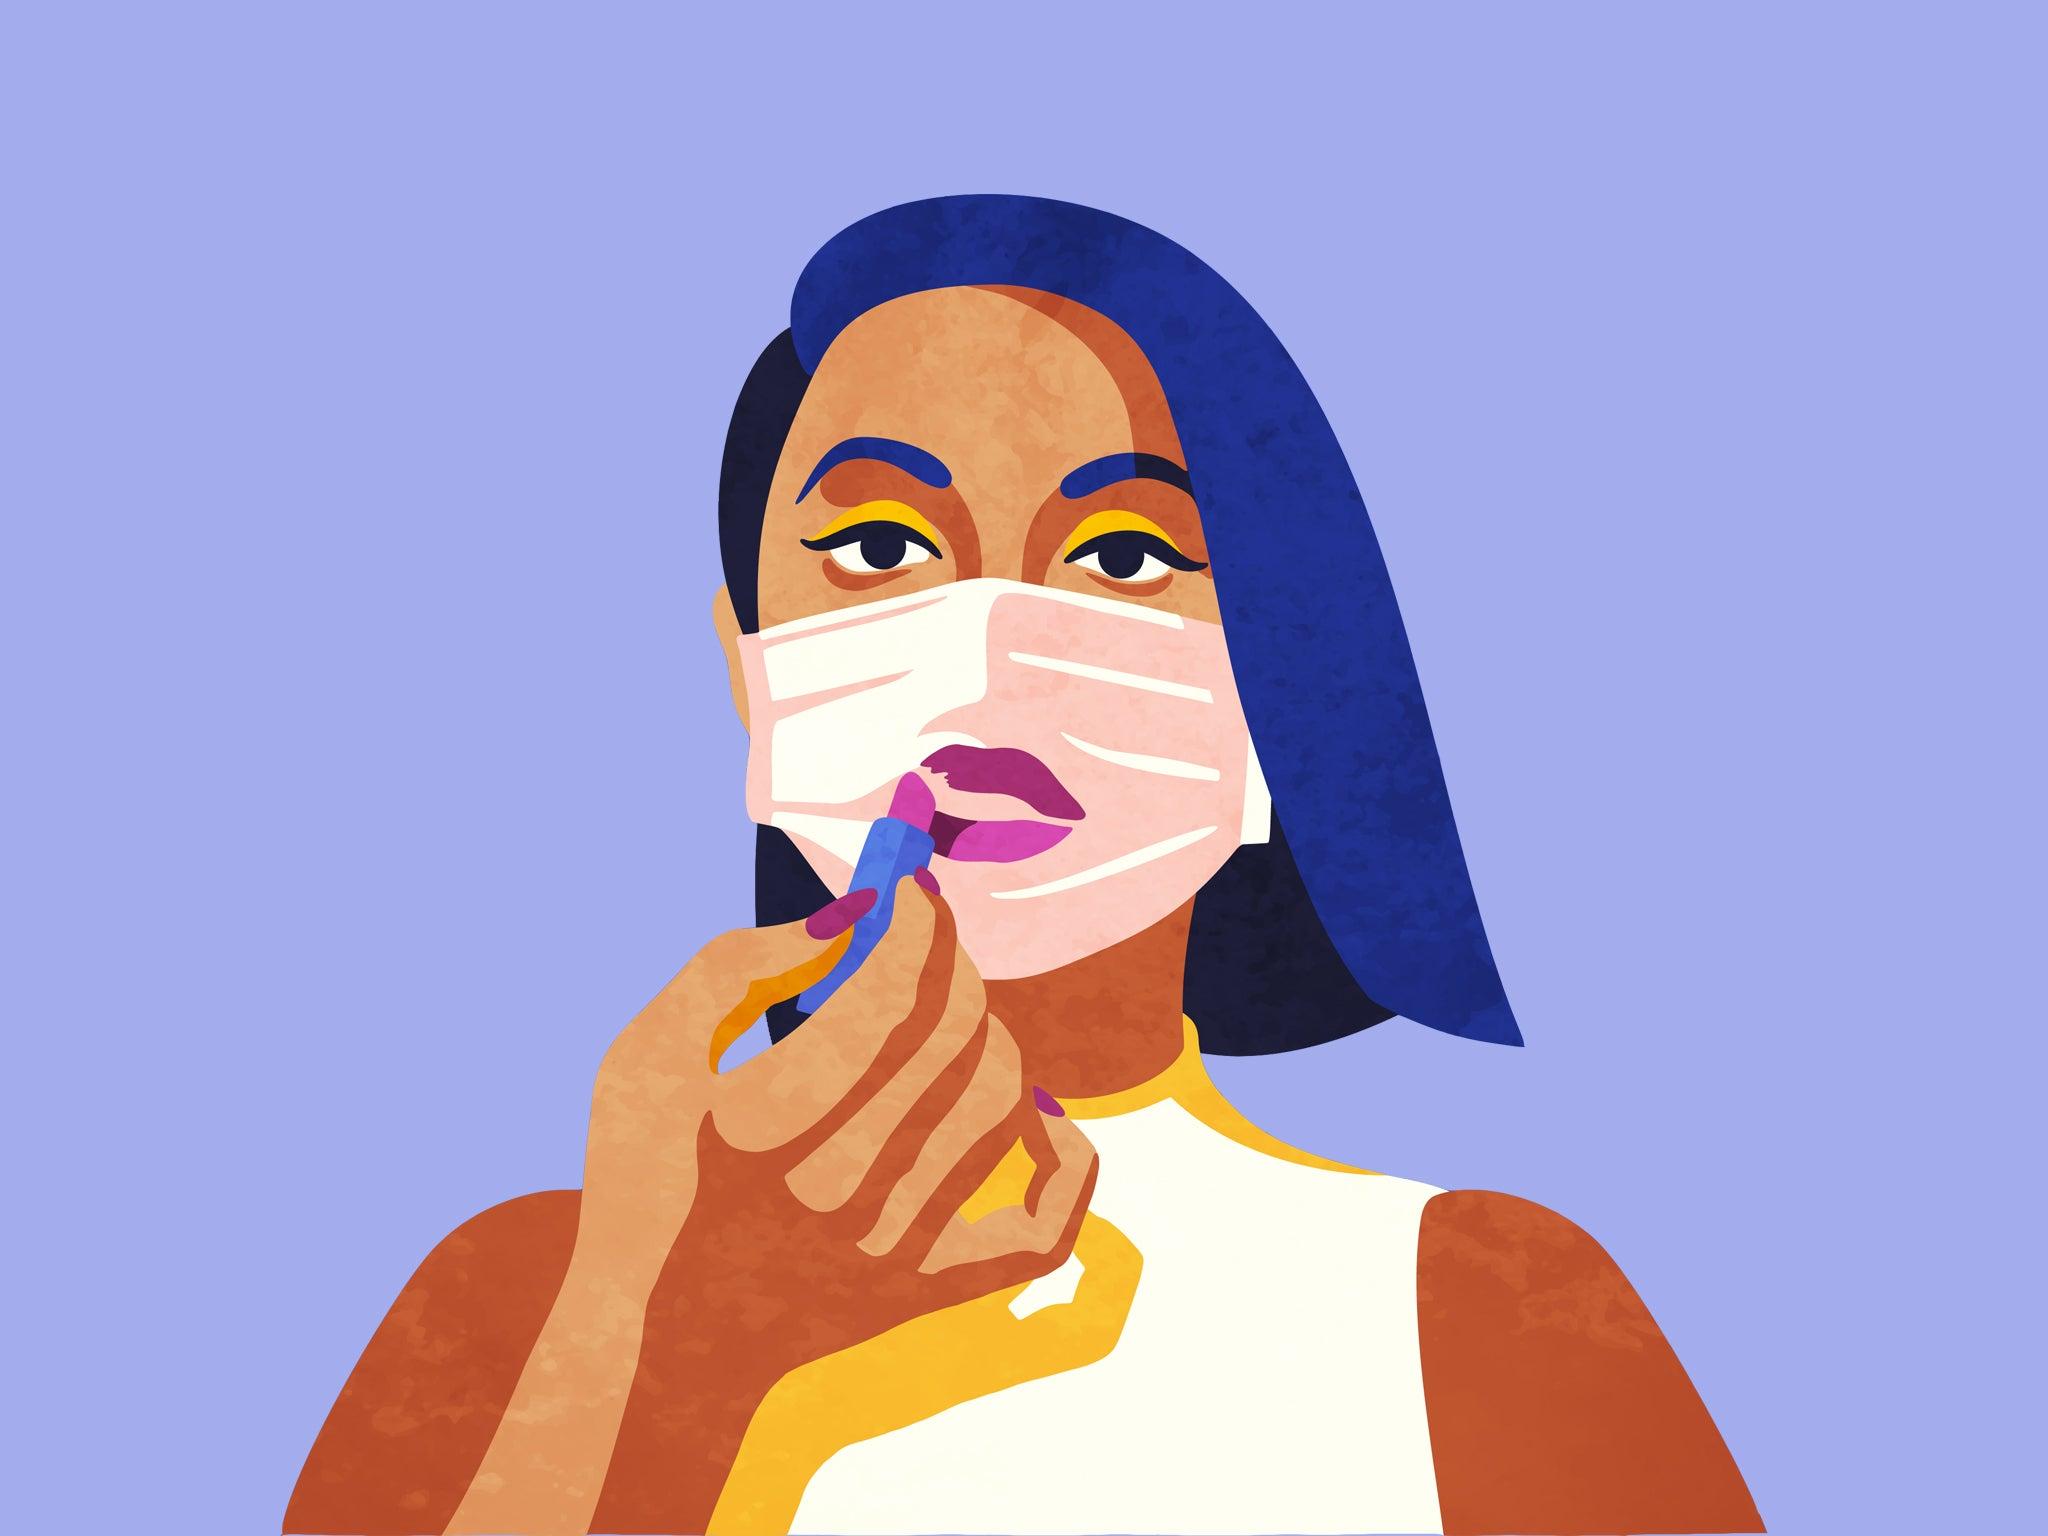 chăm sóc da mặt khi đeo khẩu trang